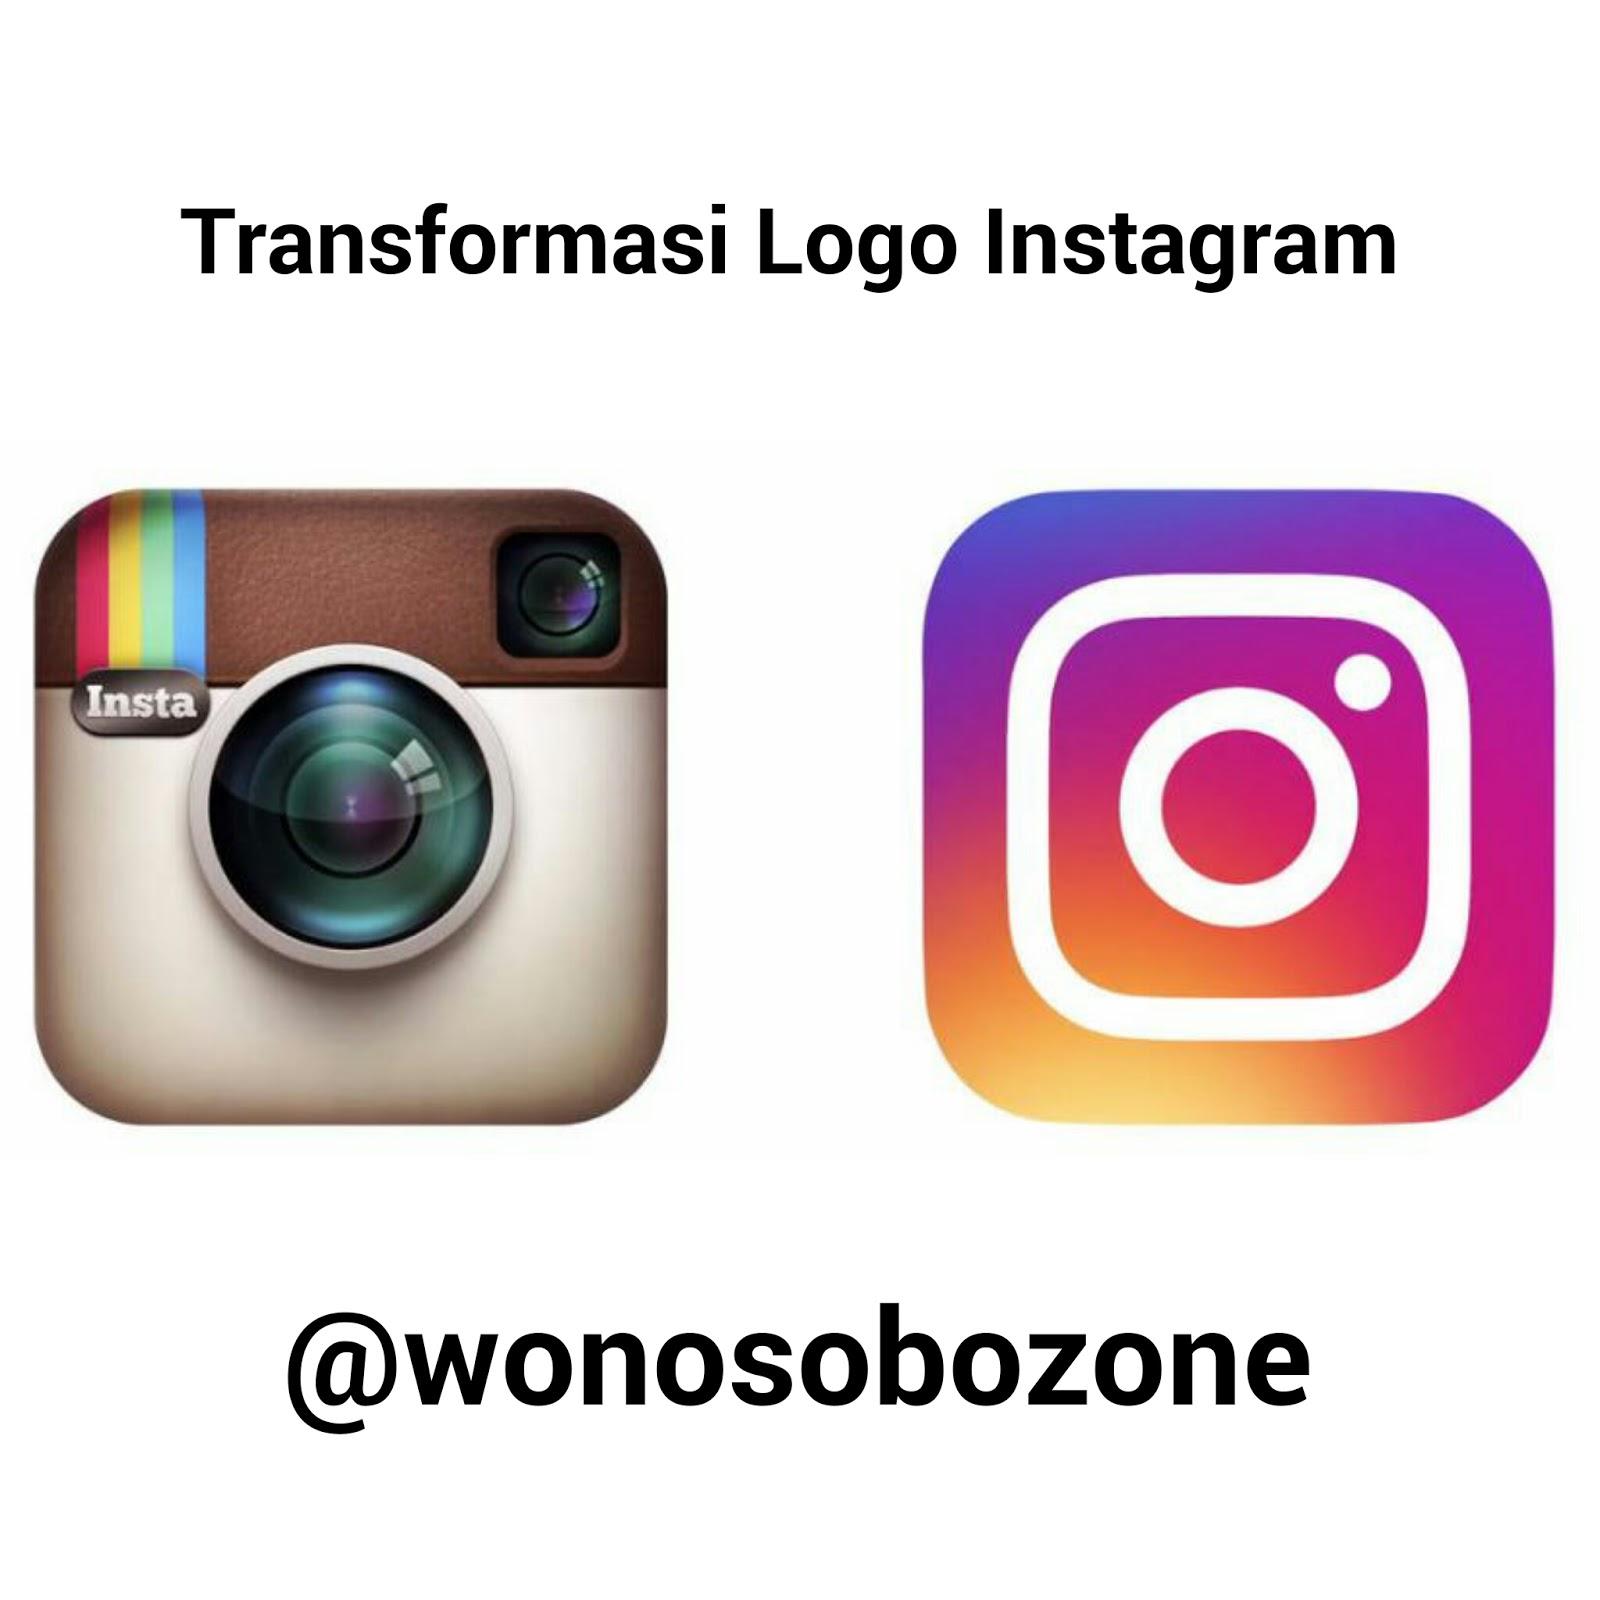 Как сделать логотип на в инстаграм с телефона